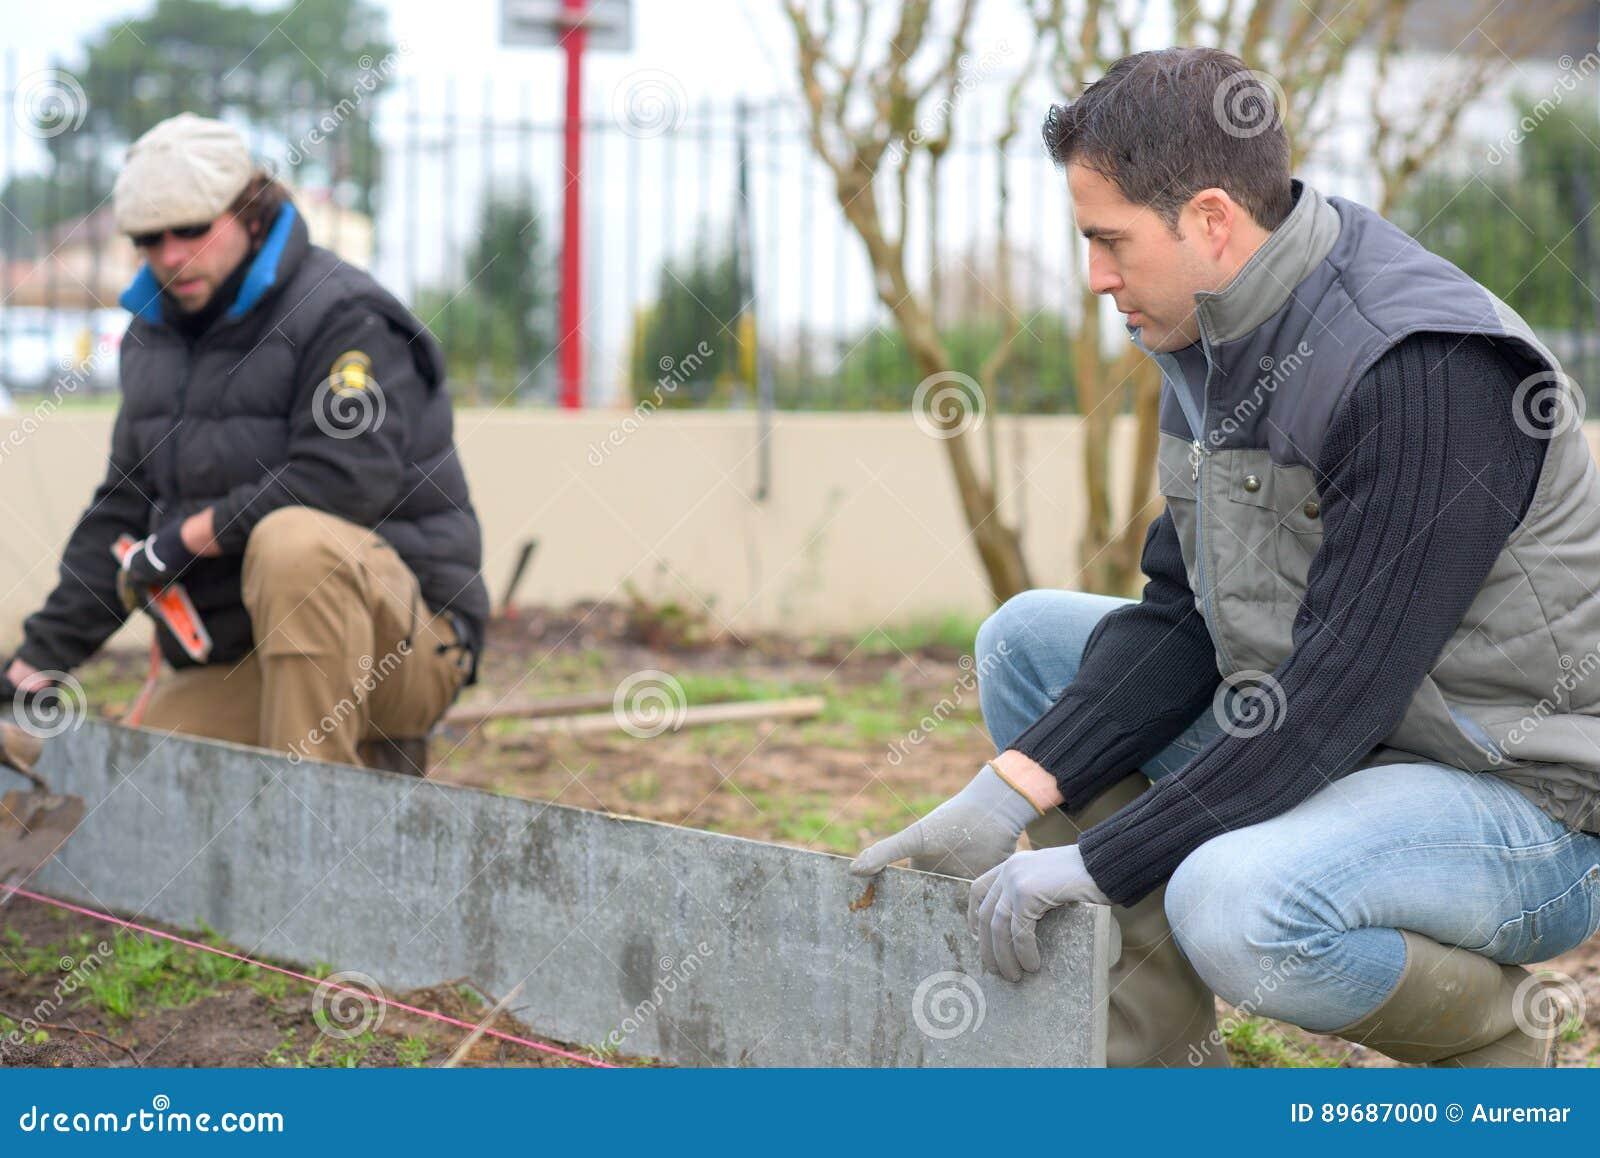 Constructeurs au travail dans le jardin